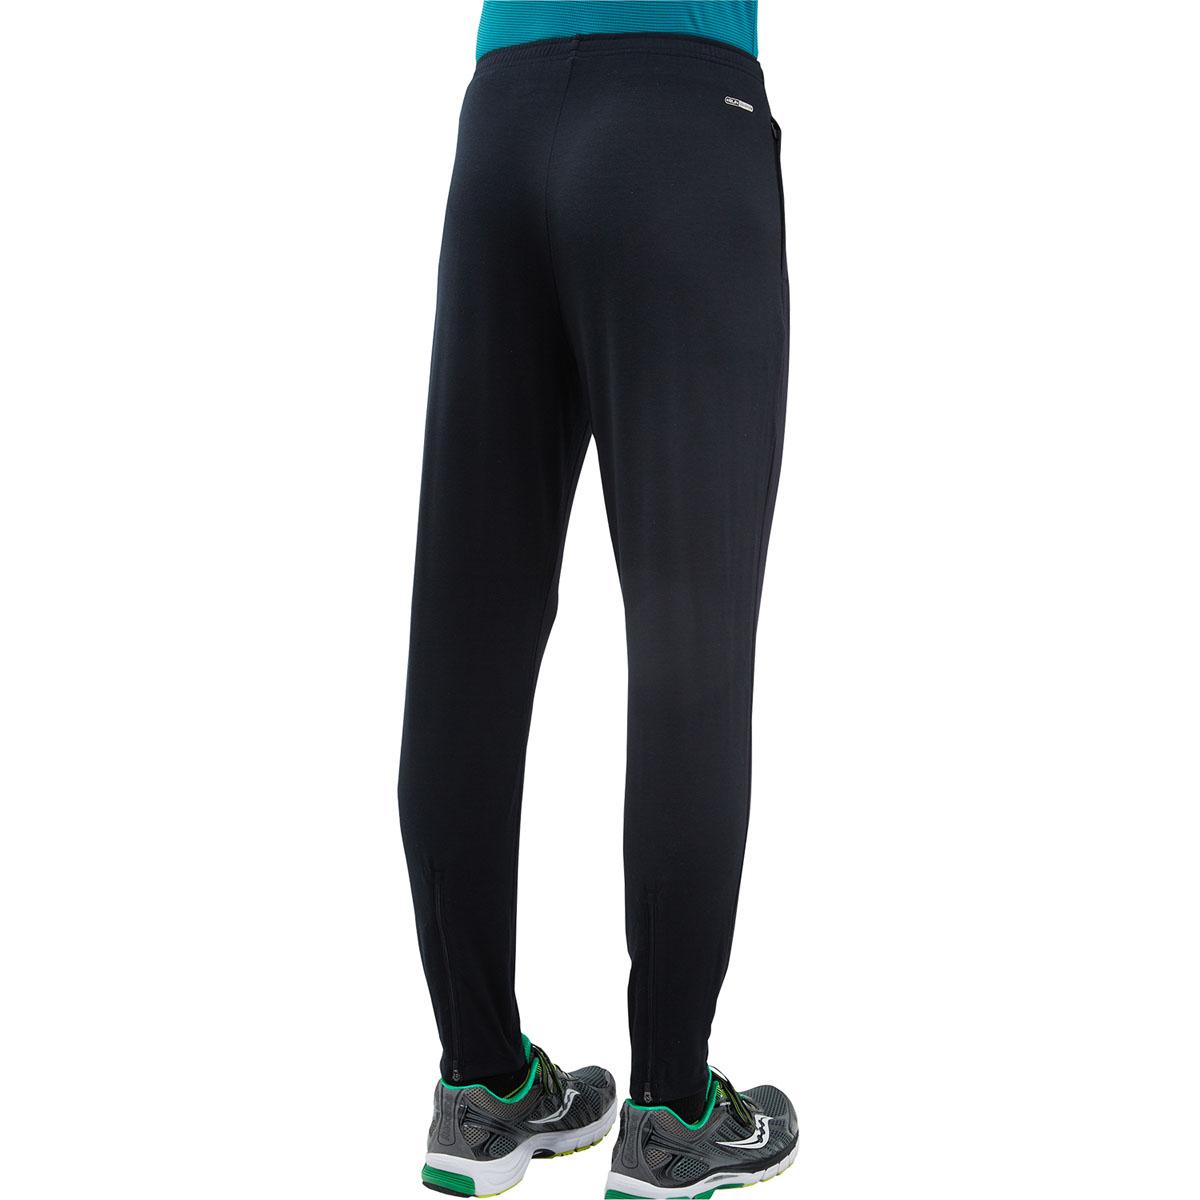 80731-BKМужские брюки Saucony Boston выполнены из мягкой, матовой ткан. Молнии в боковых карманах. Молнии на лодыжках. Эластичный пояс с внутренним шнурком.